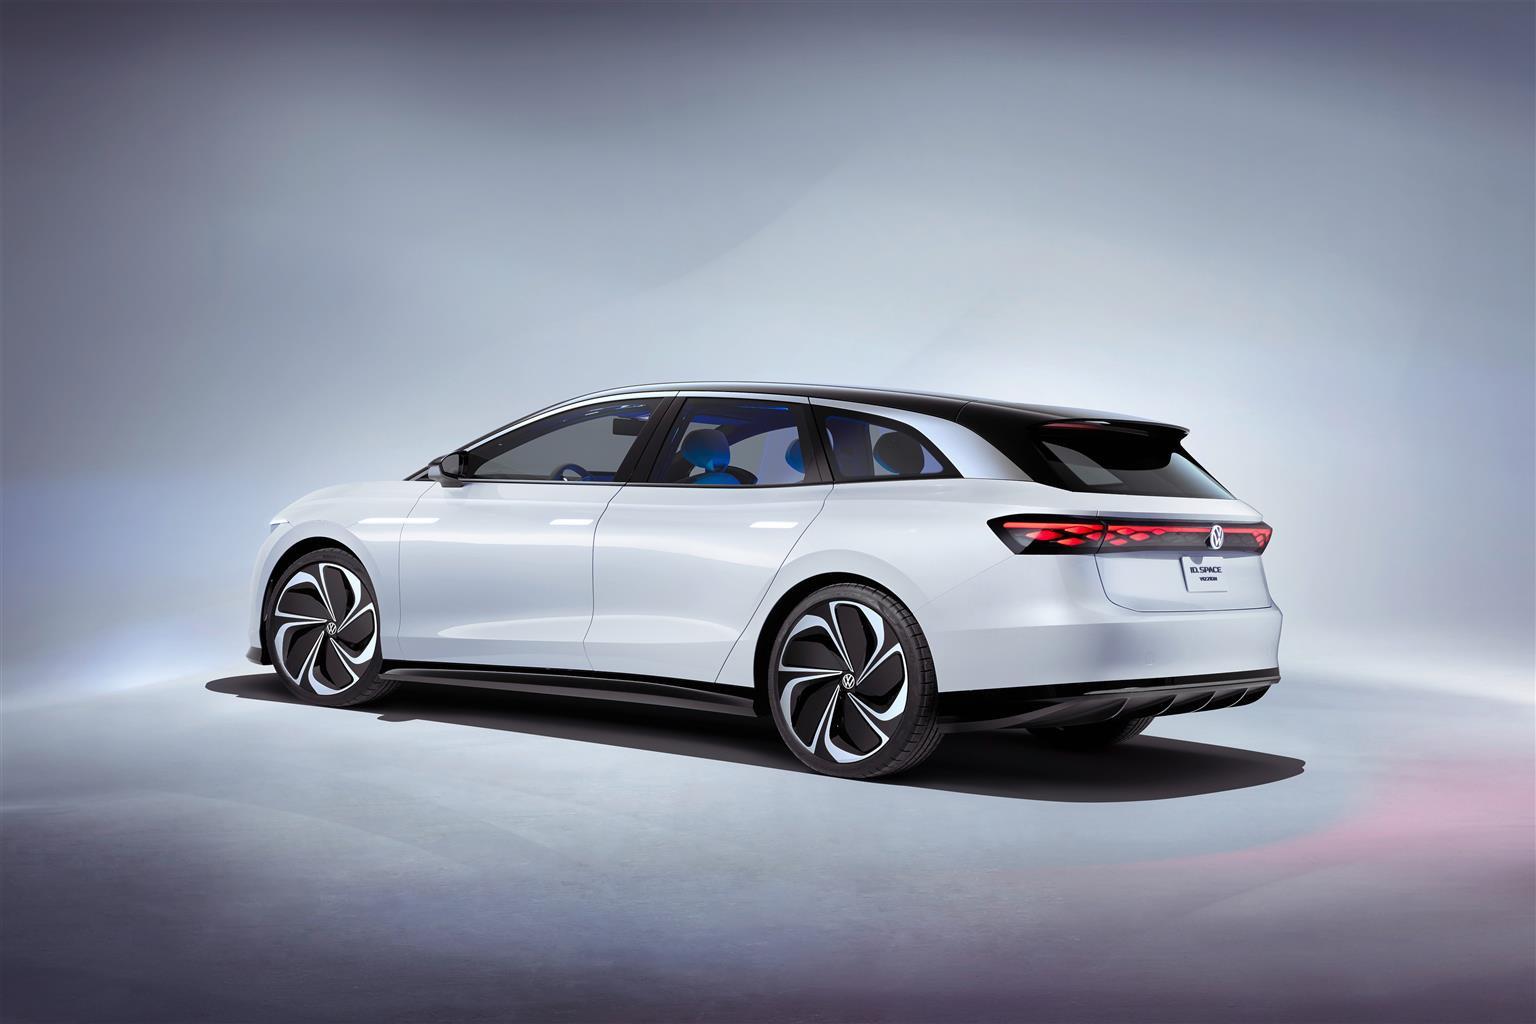 La Volkswagen ha svelato al salone di Los Angeles la concept ID. SPACE VIZZION, settimo membro della famiglia elettrice ID.. Doti dinamiche da Gran Turismo, spazio da SUV ed emissioni zero con autonomia(grazie anche al cx di 0,24) fino a 590 km grazie alla batteria da 82 kWh. La potenza arriva a 340 cavalli (250 kWh) per un'accelerazione da 0/100 km/h in 5,4 secondi.